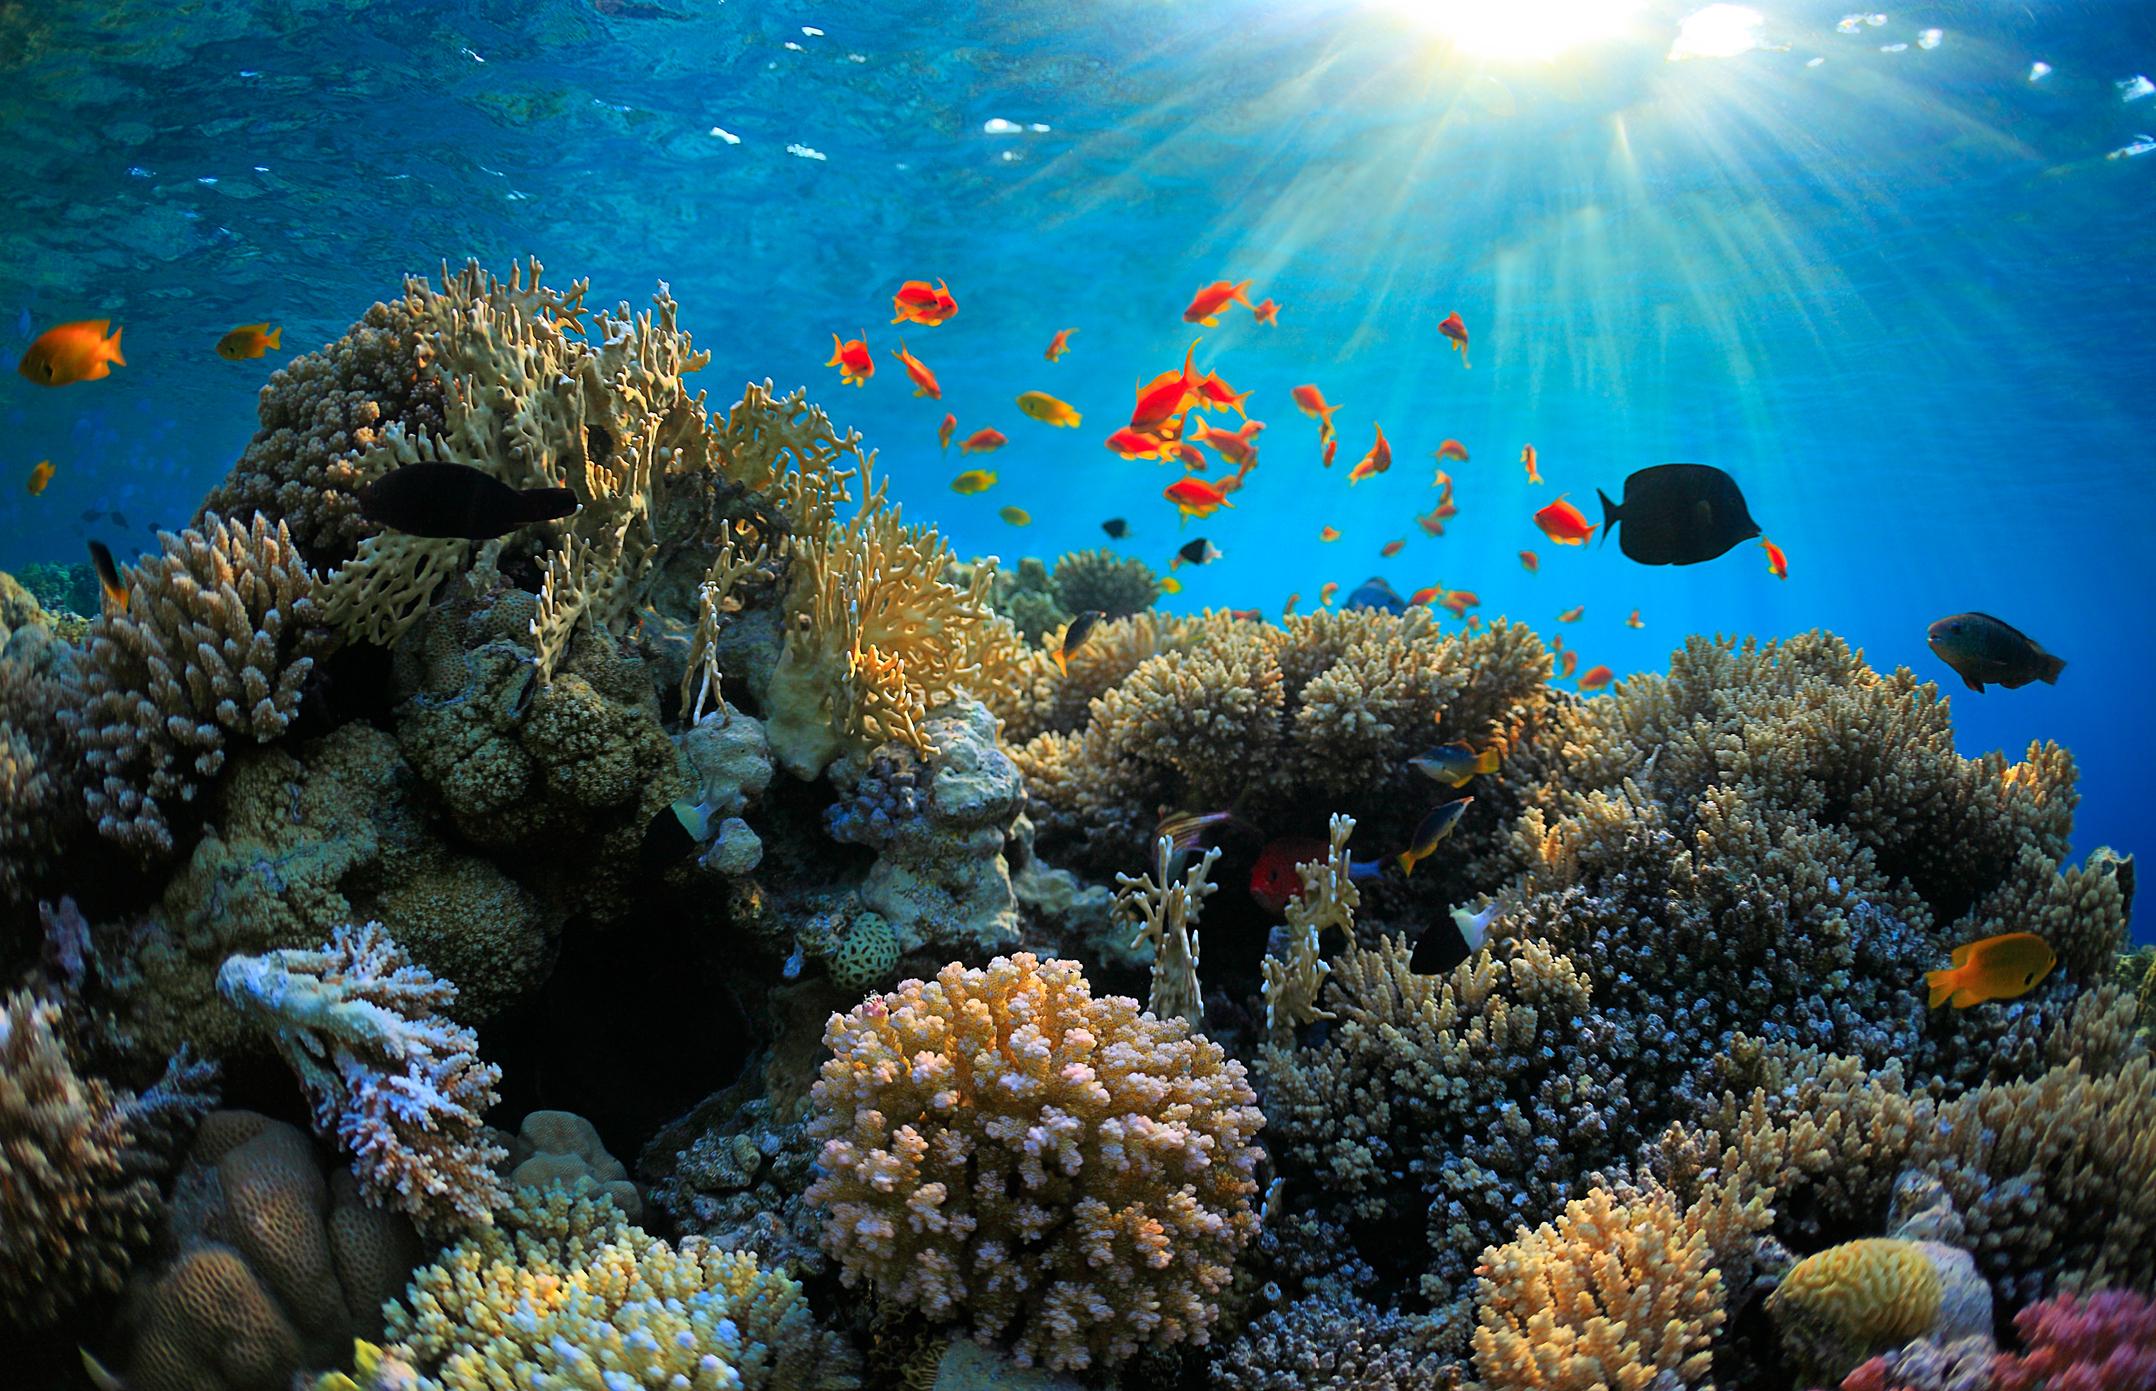 Ein lebhaftes, flaches Korallenriff in Santa Lucia mit Fischen rundherum